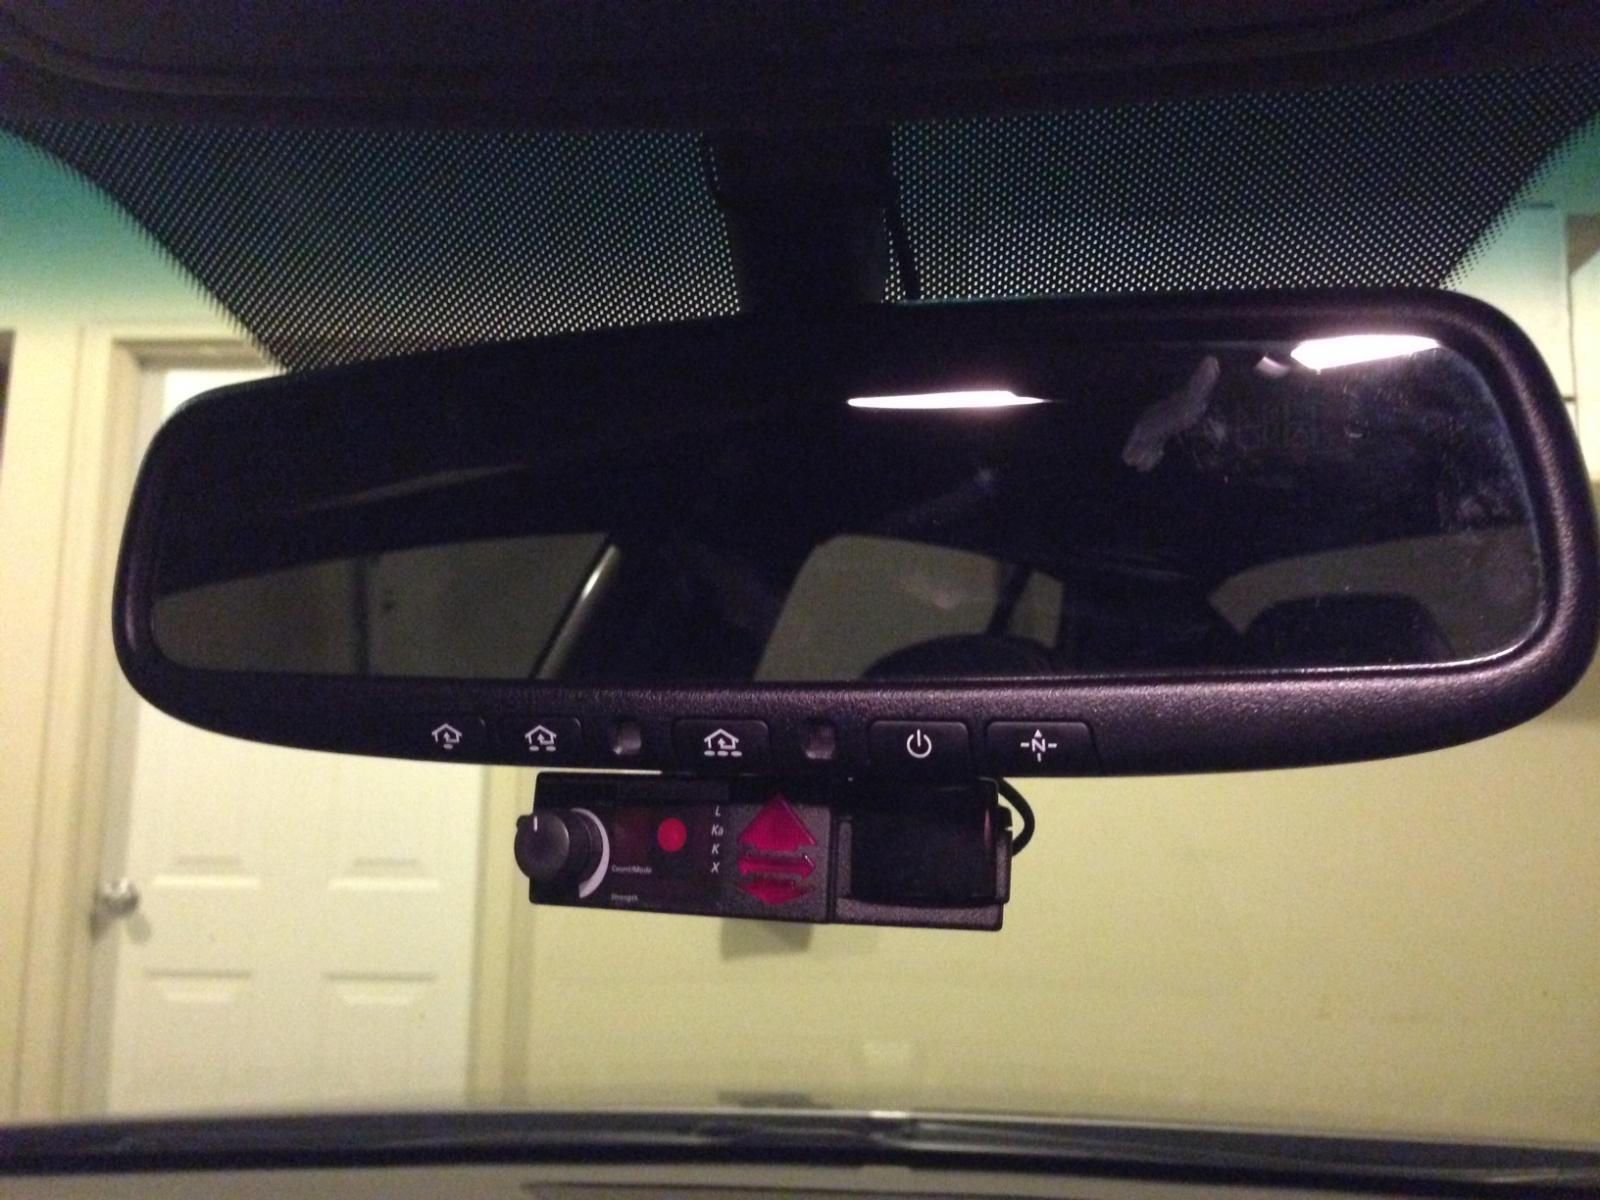 photo 1 blendmount w mirrortap for valentine one installed photo 2